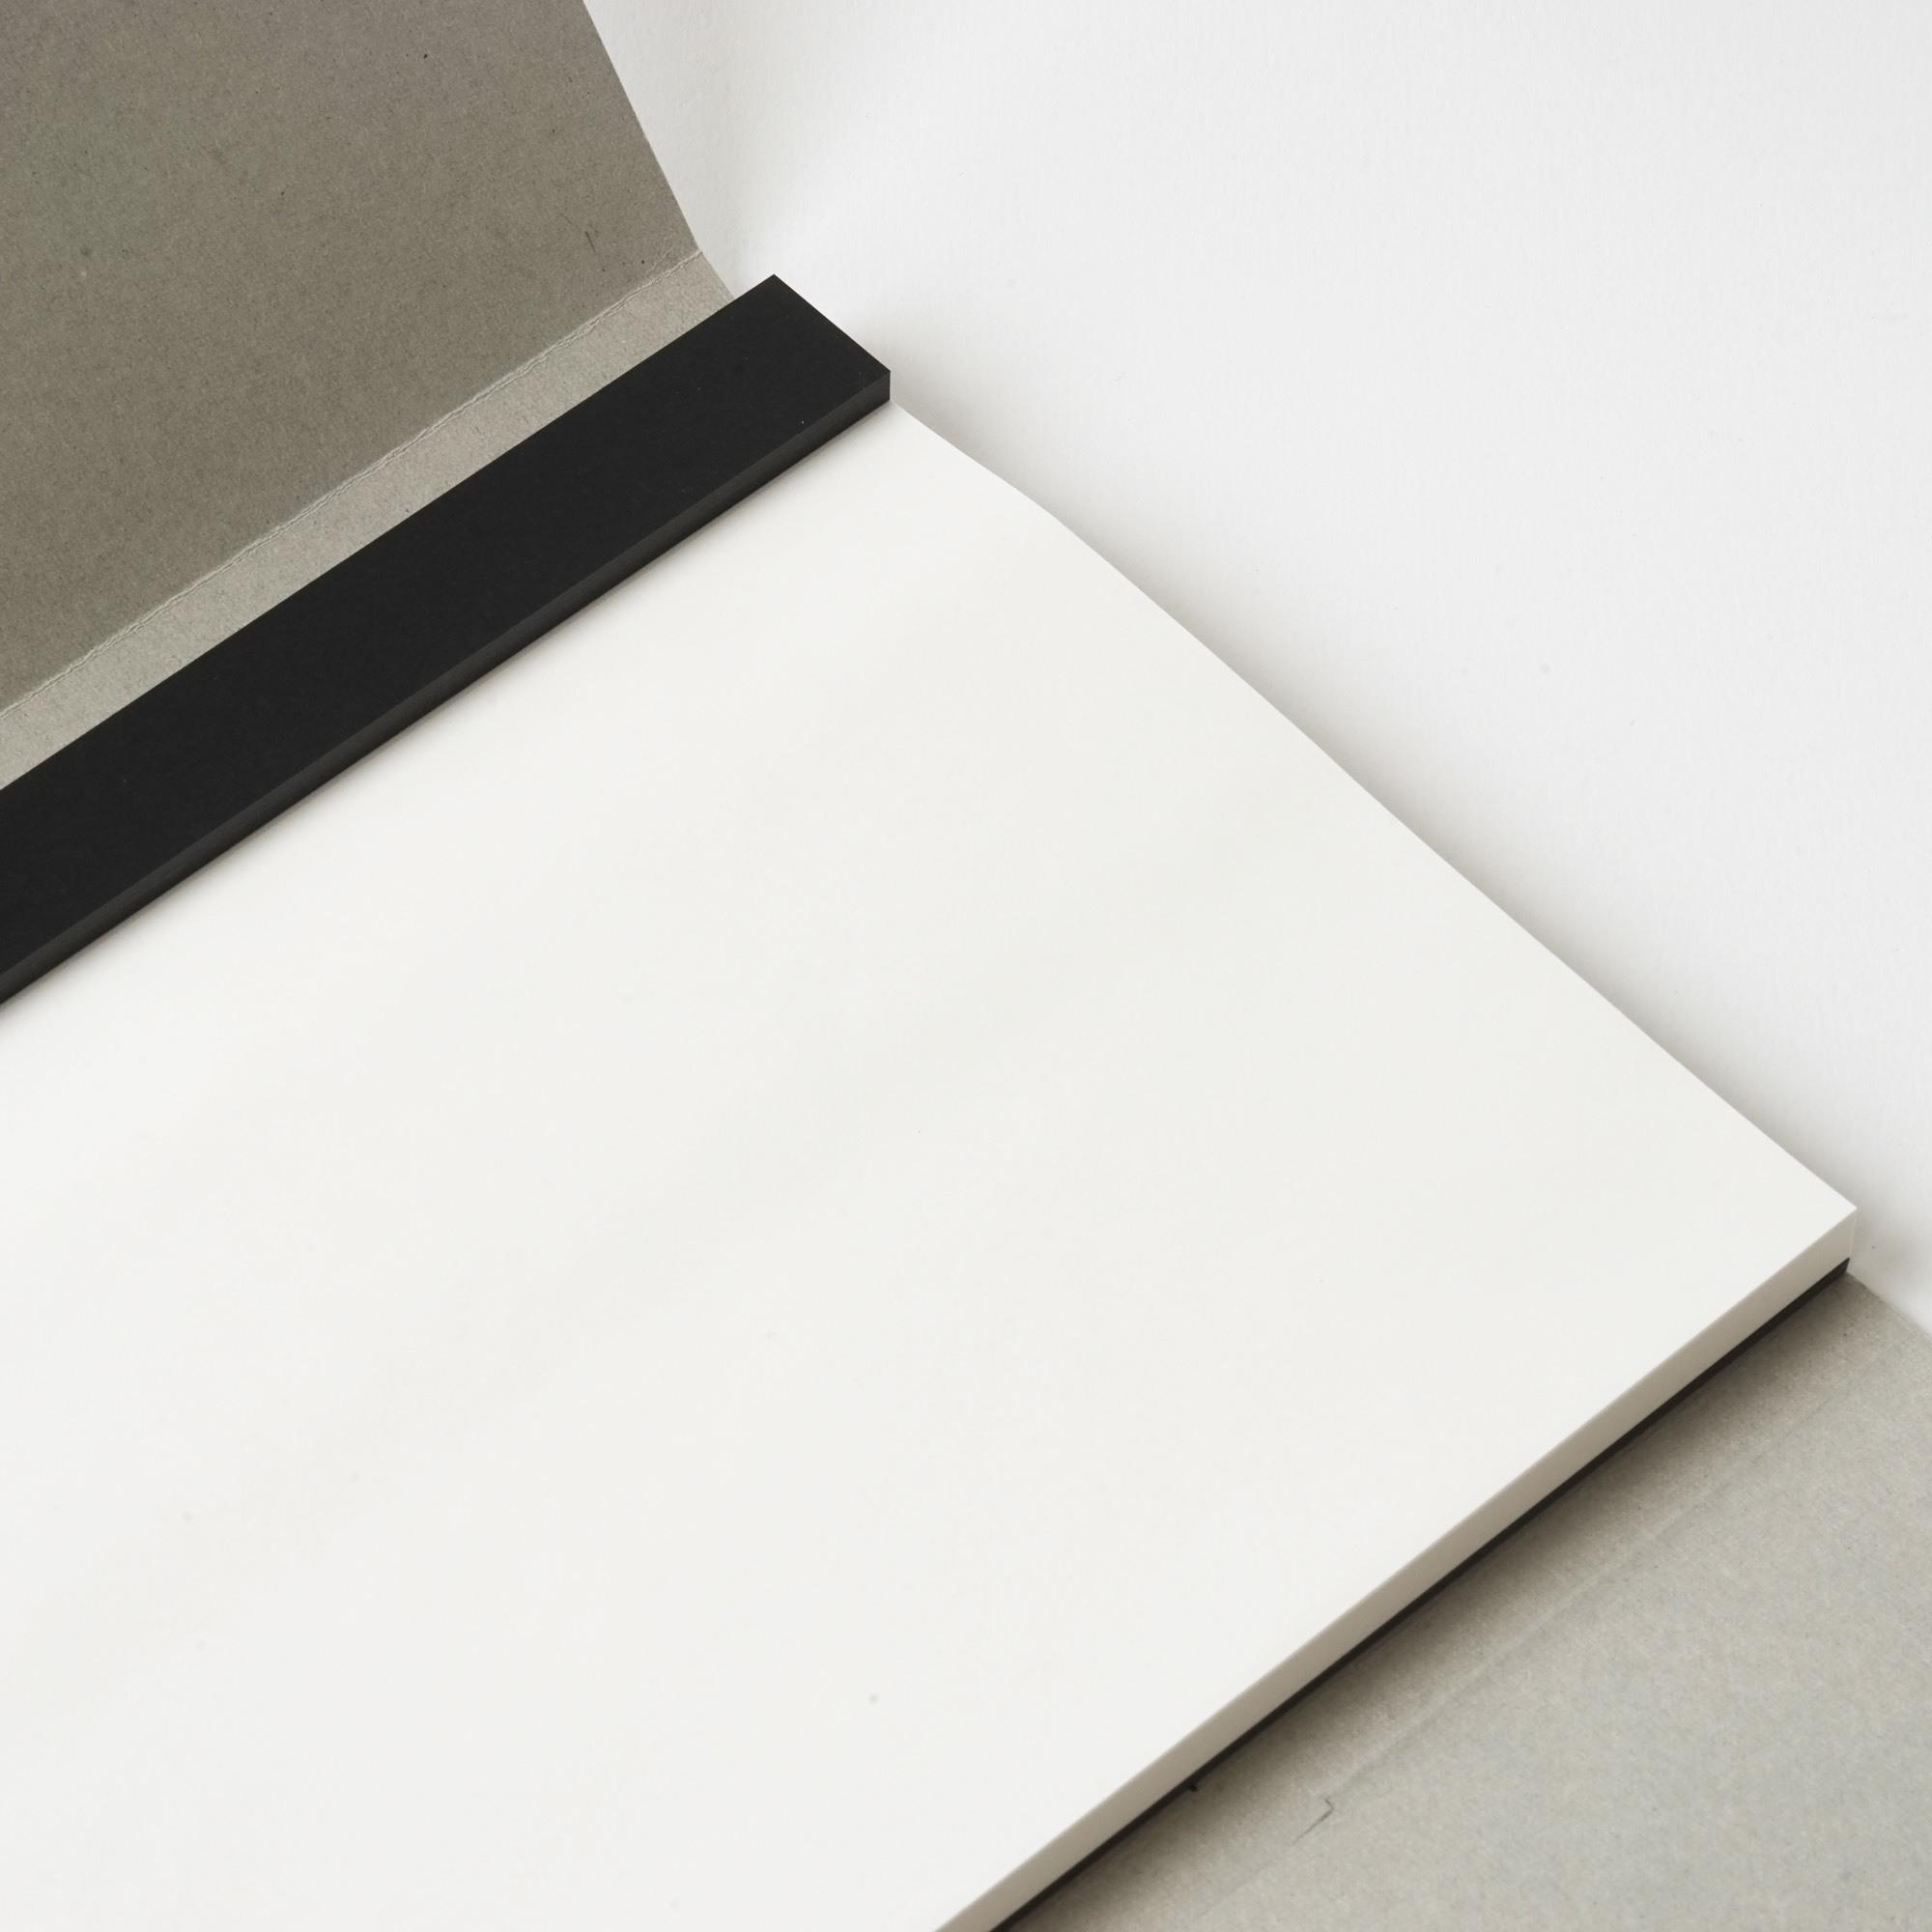 Ito Bindery Настольный блокнот для рисования Black Mount Drawing Pad